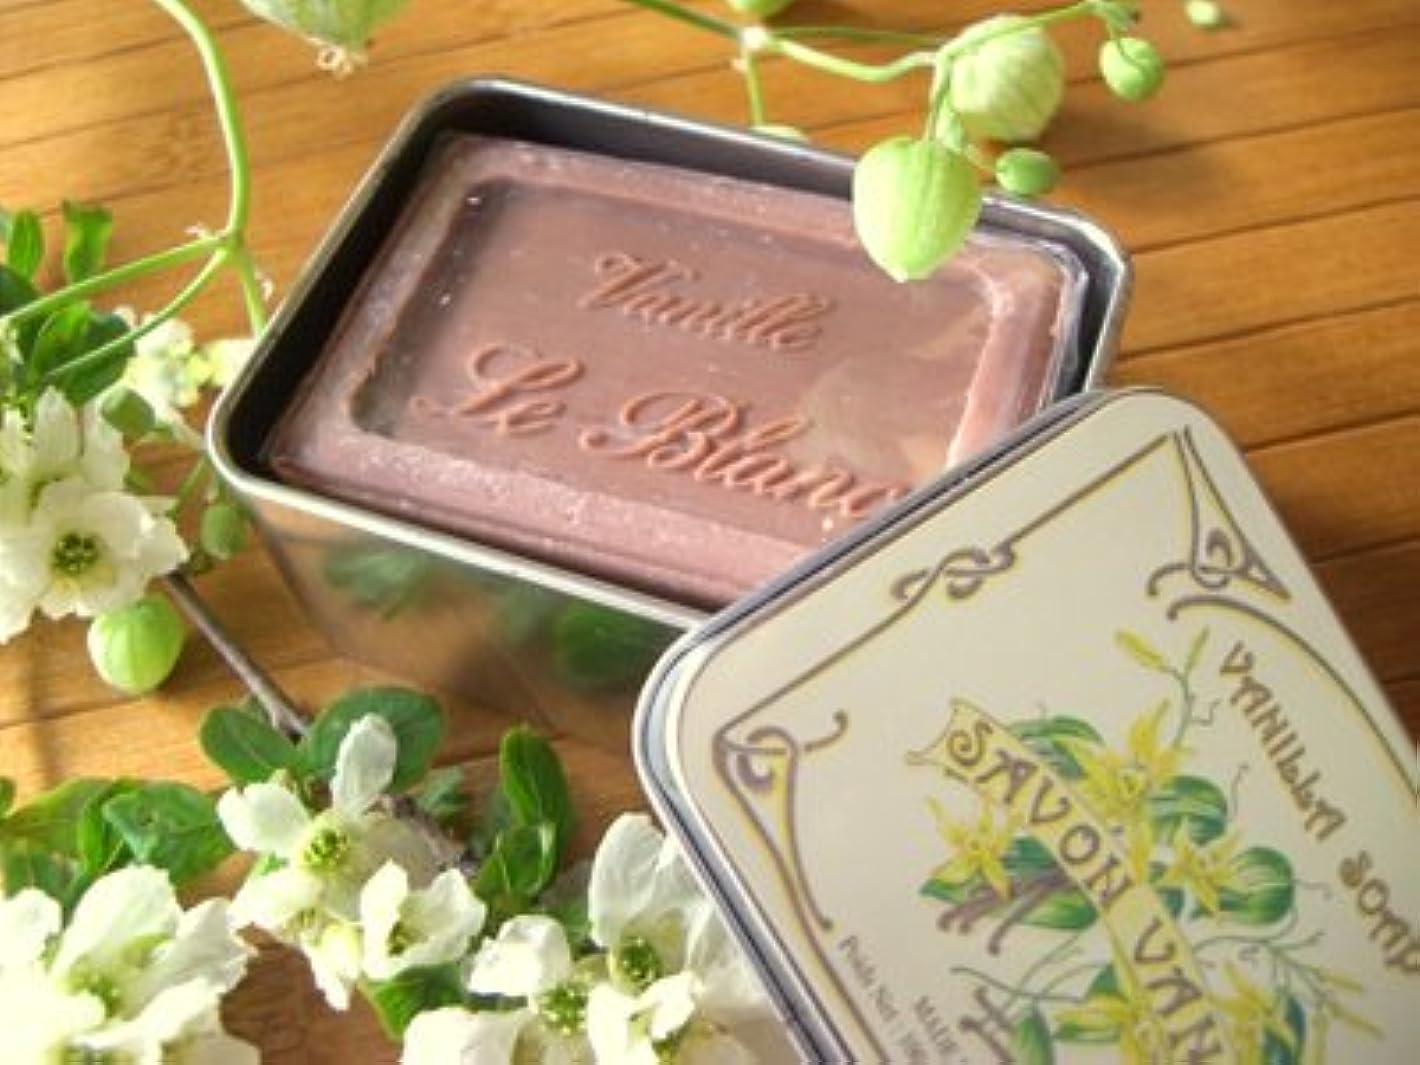 状況レイ教師の日LE BLANC SOAP(ルブランソープ) バニラの香り LB004ルブランソープ メタルボックス(leblanclb004)